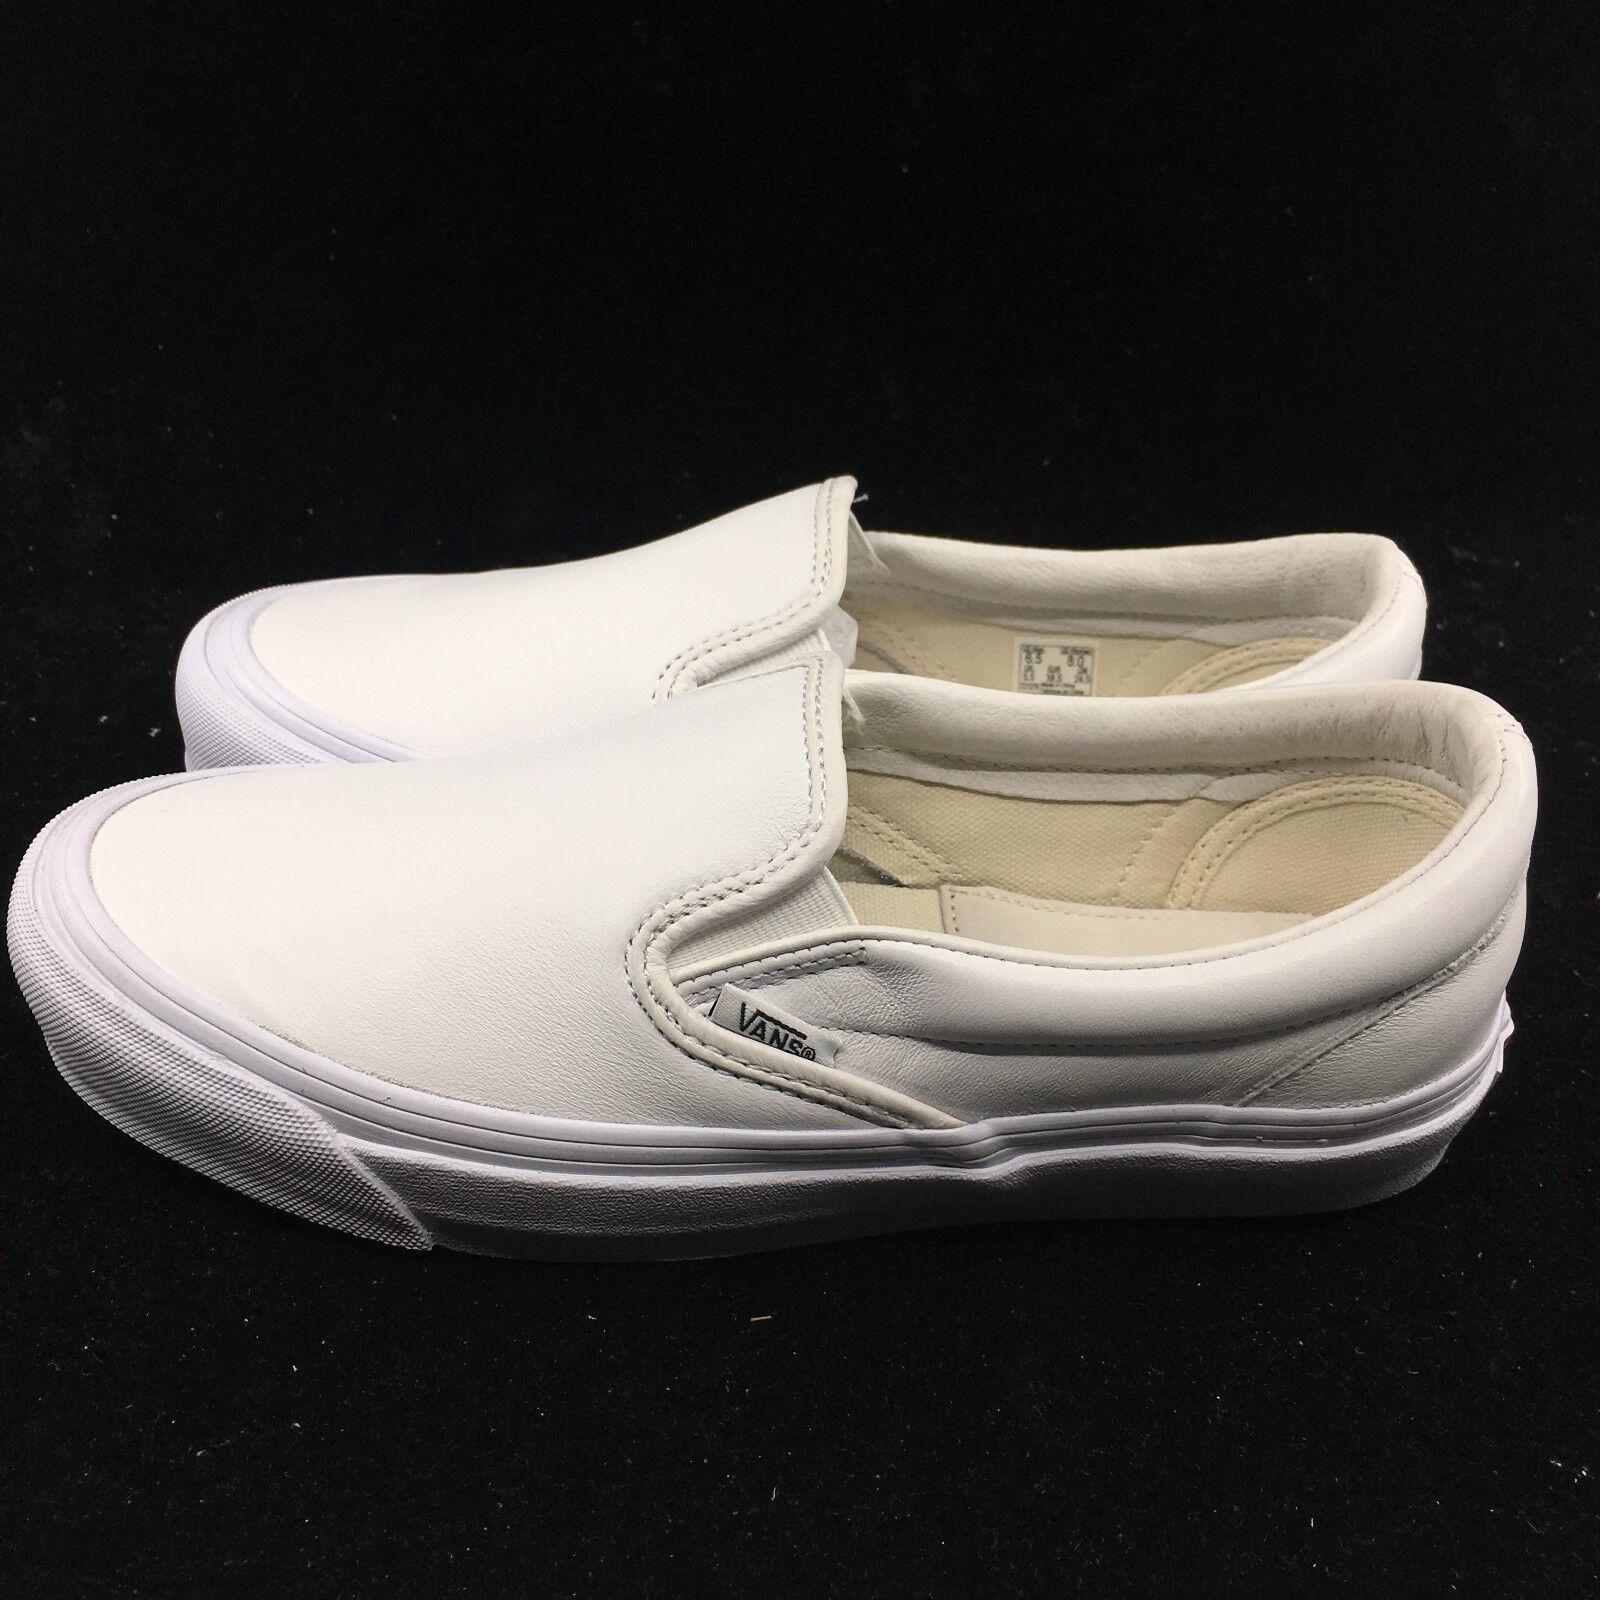 Vans Vault Uomo OG Classic Slip-On White Pelle Uomo Vault Donna Skate Boarding VN000UDF1NT 547ec3